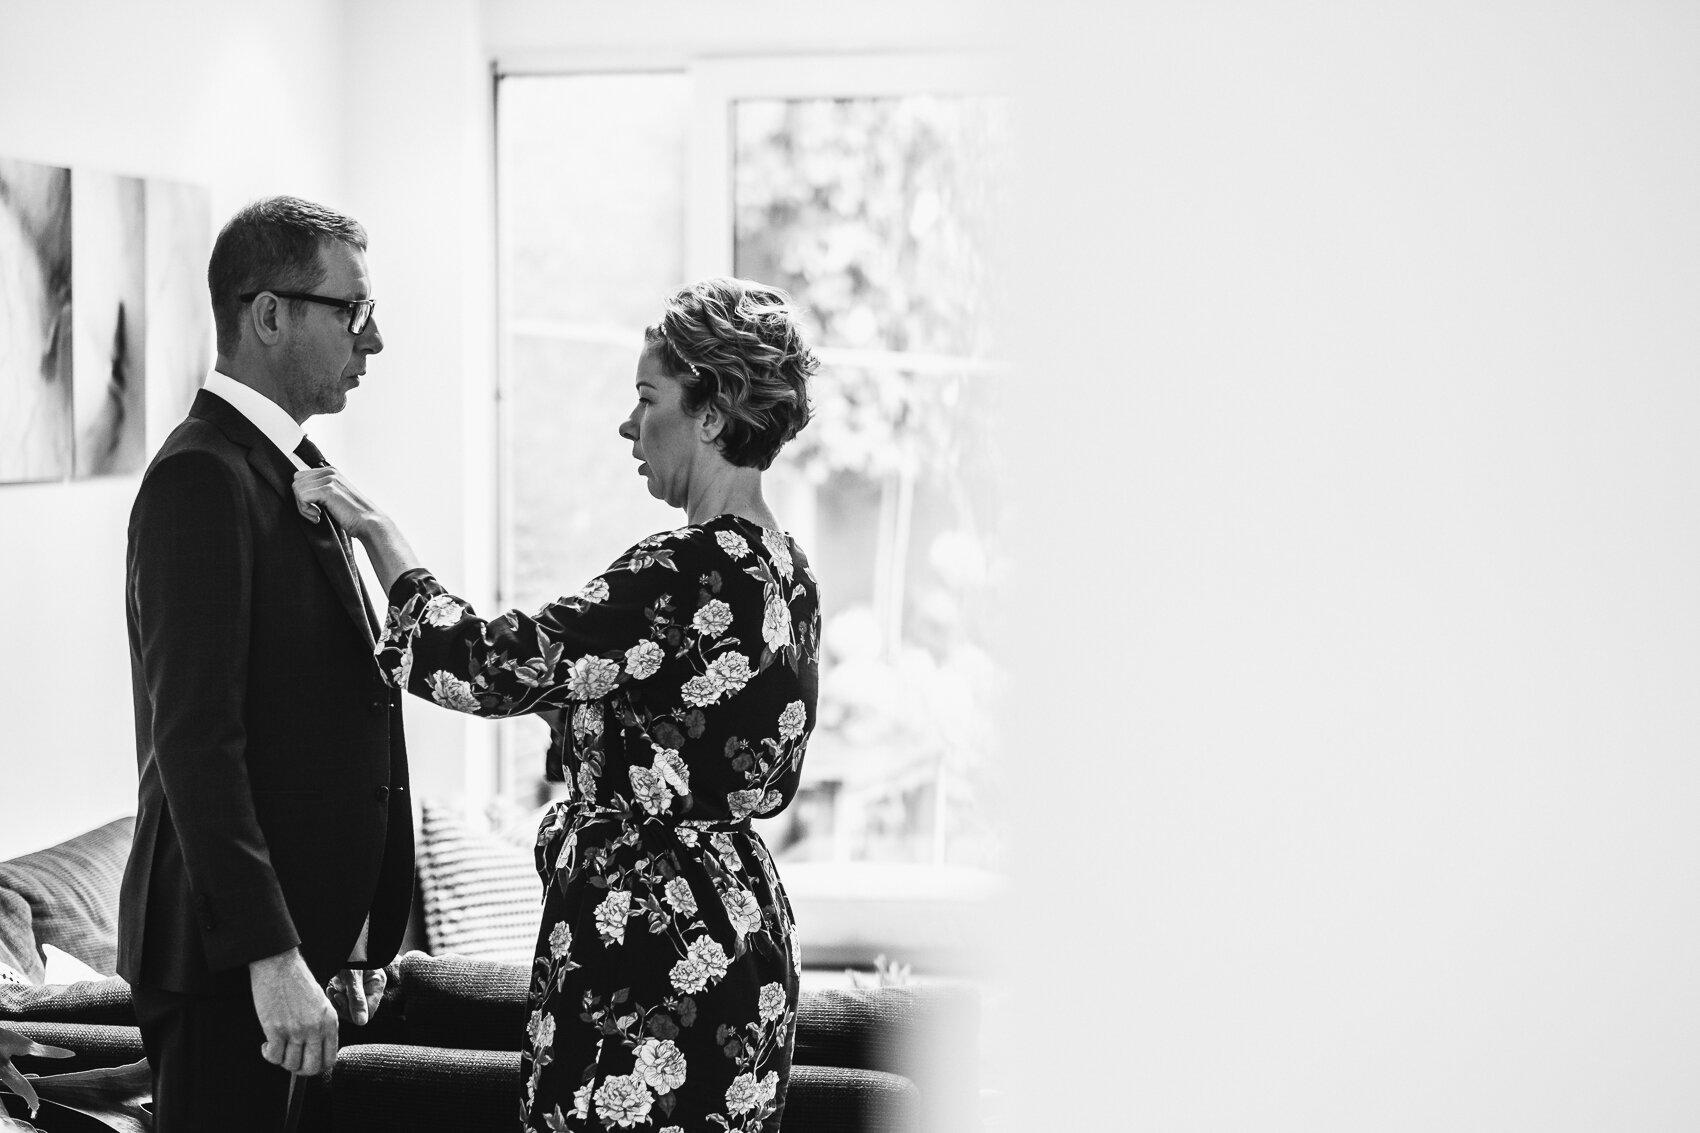 iso800 - huwelijksfotograaf goele kris den eyck kasterlee-1.jpg